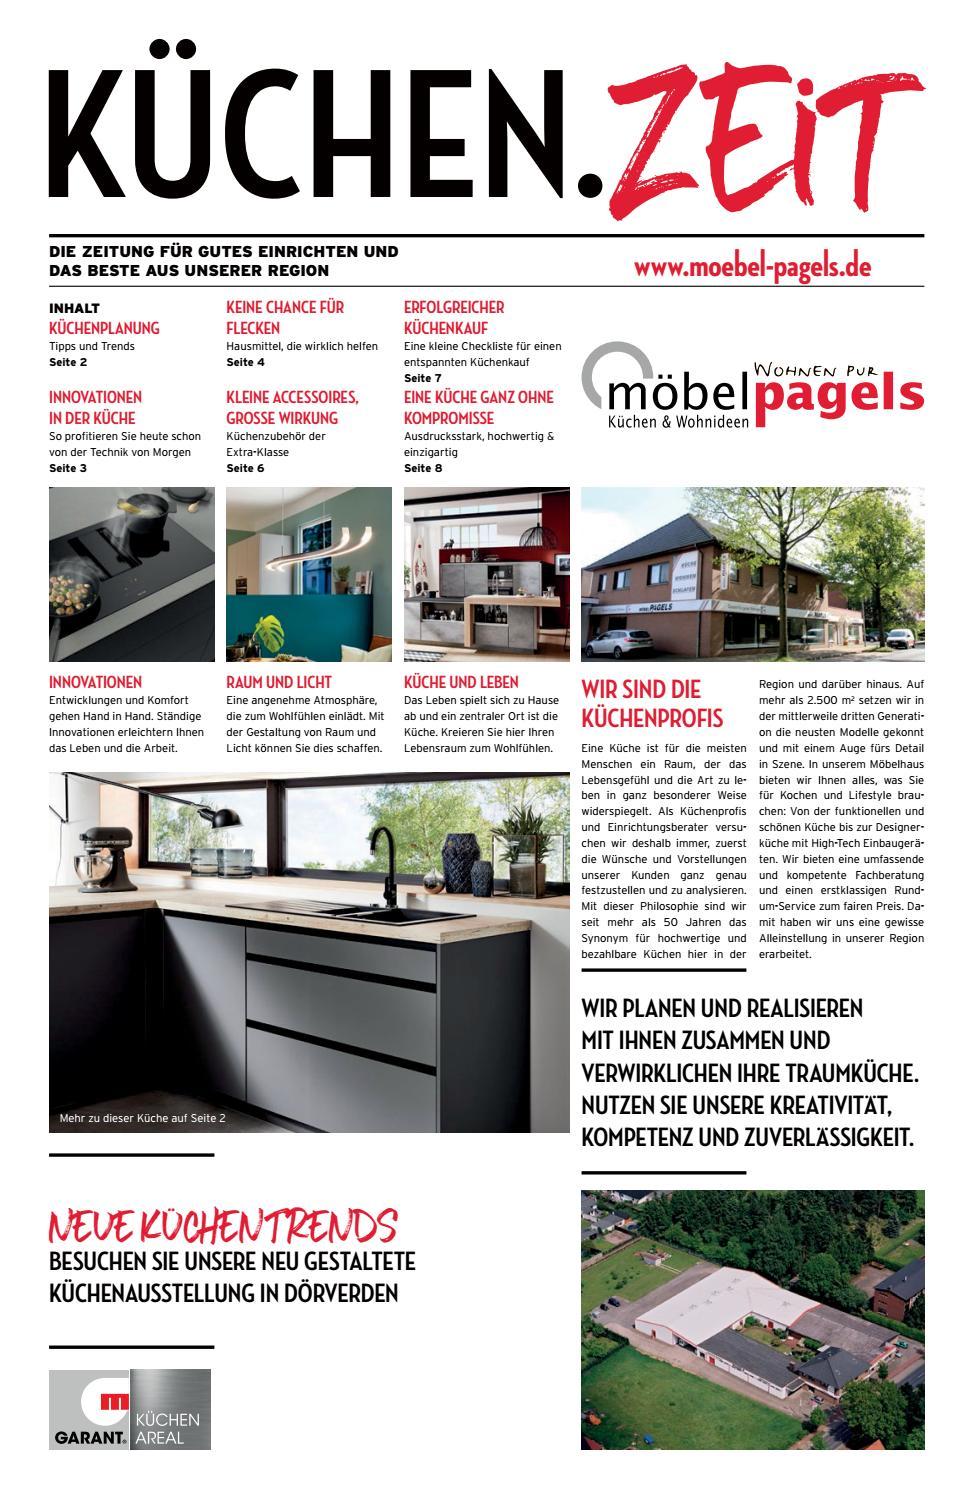 Mobel Pagels Kuchenzeit April 2019 By Garant Gruppe Issuu